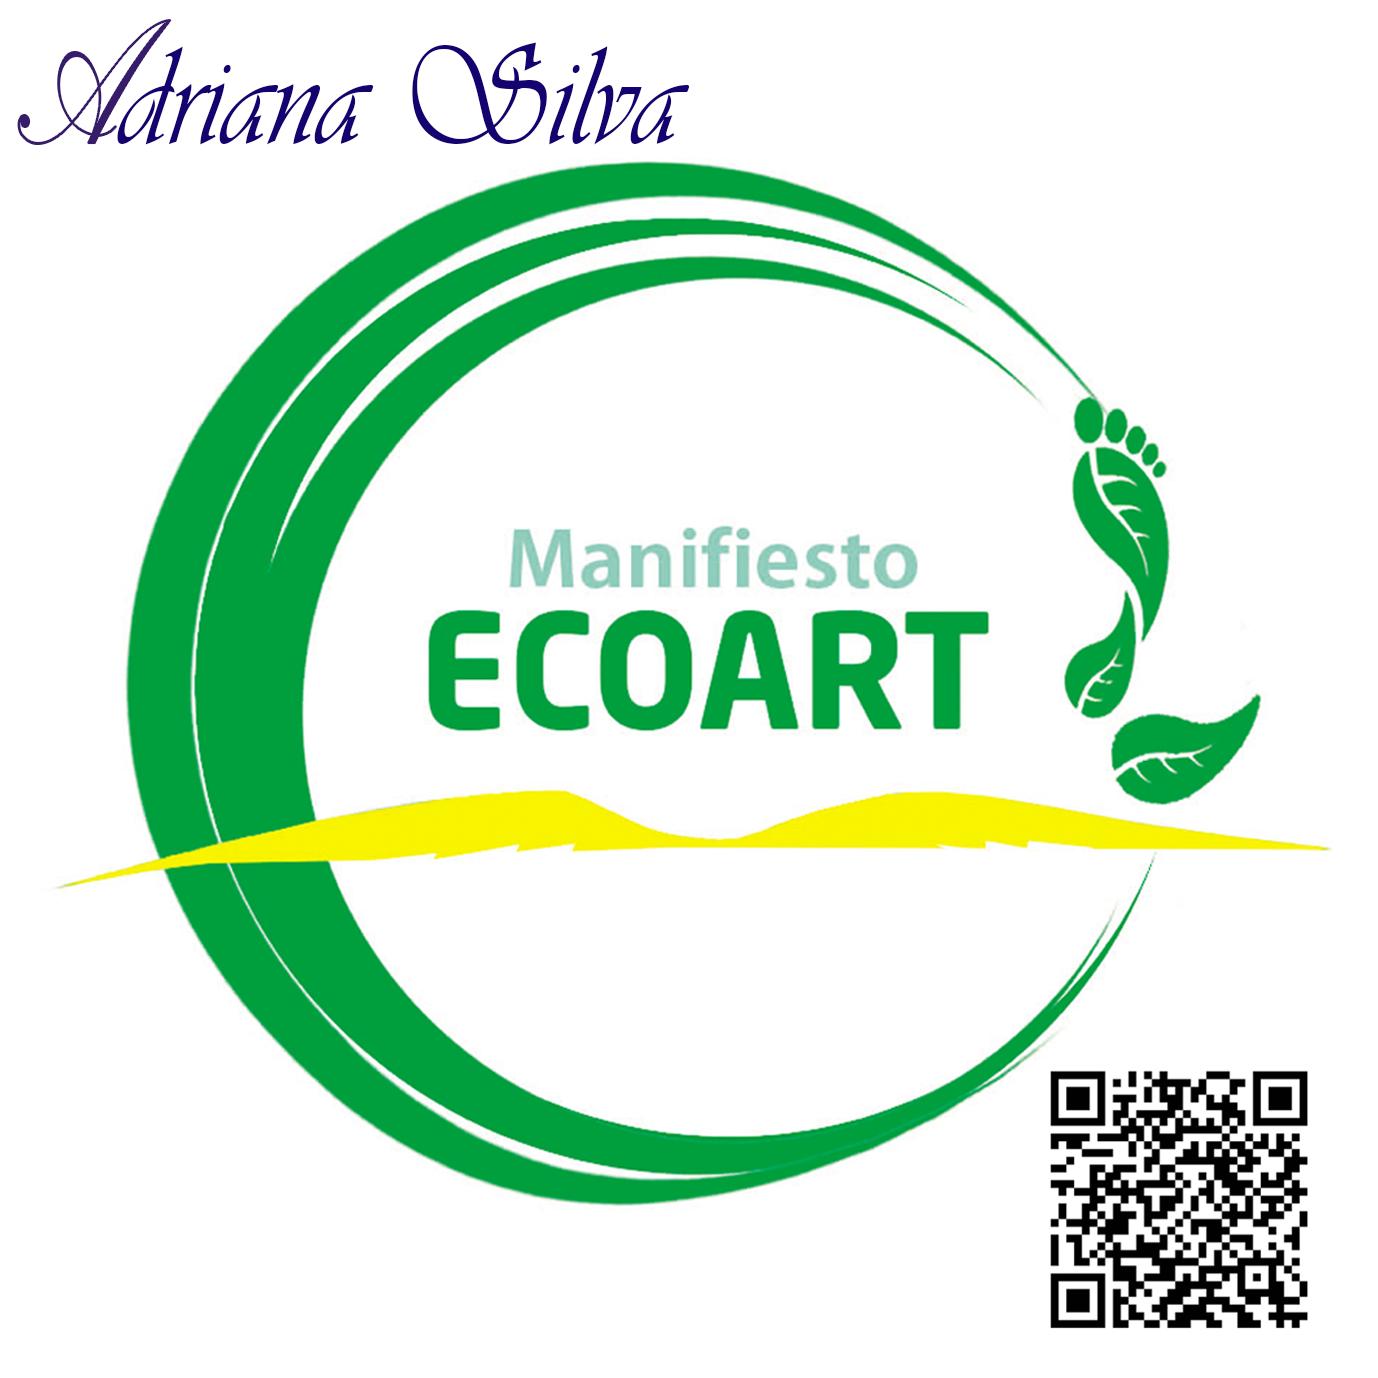 Cartel del Manifiesto Ecoart